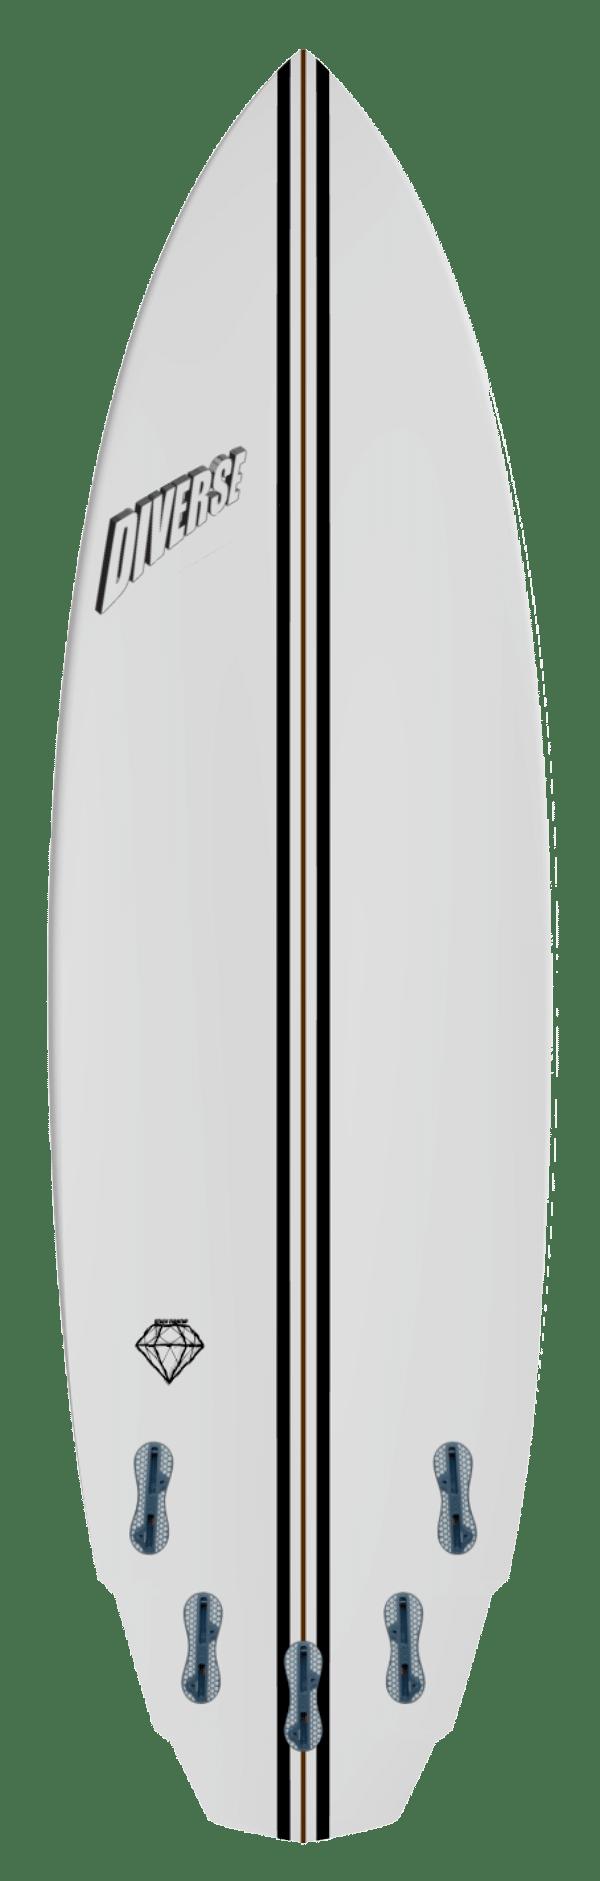 Diamond surfboard model